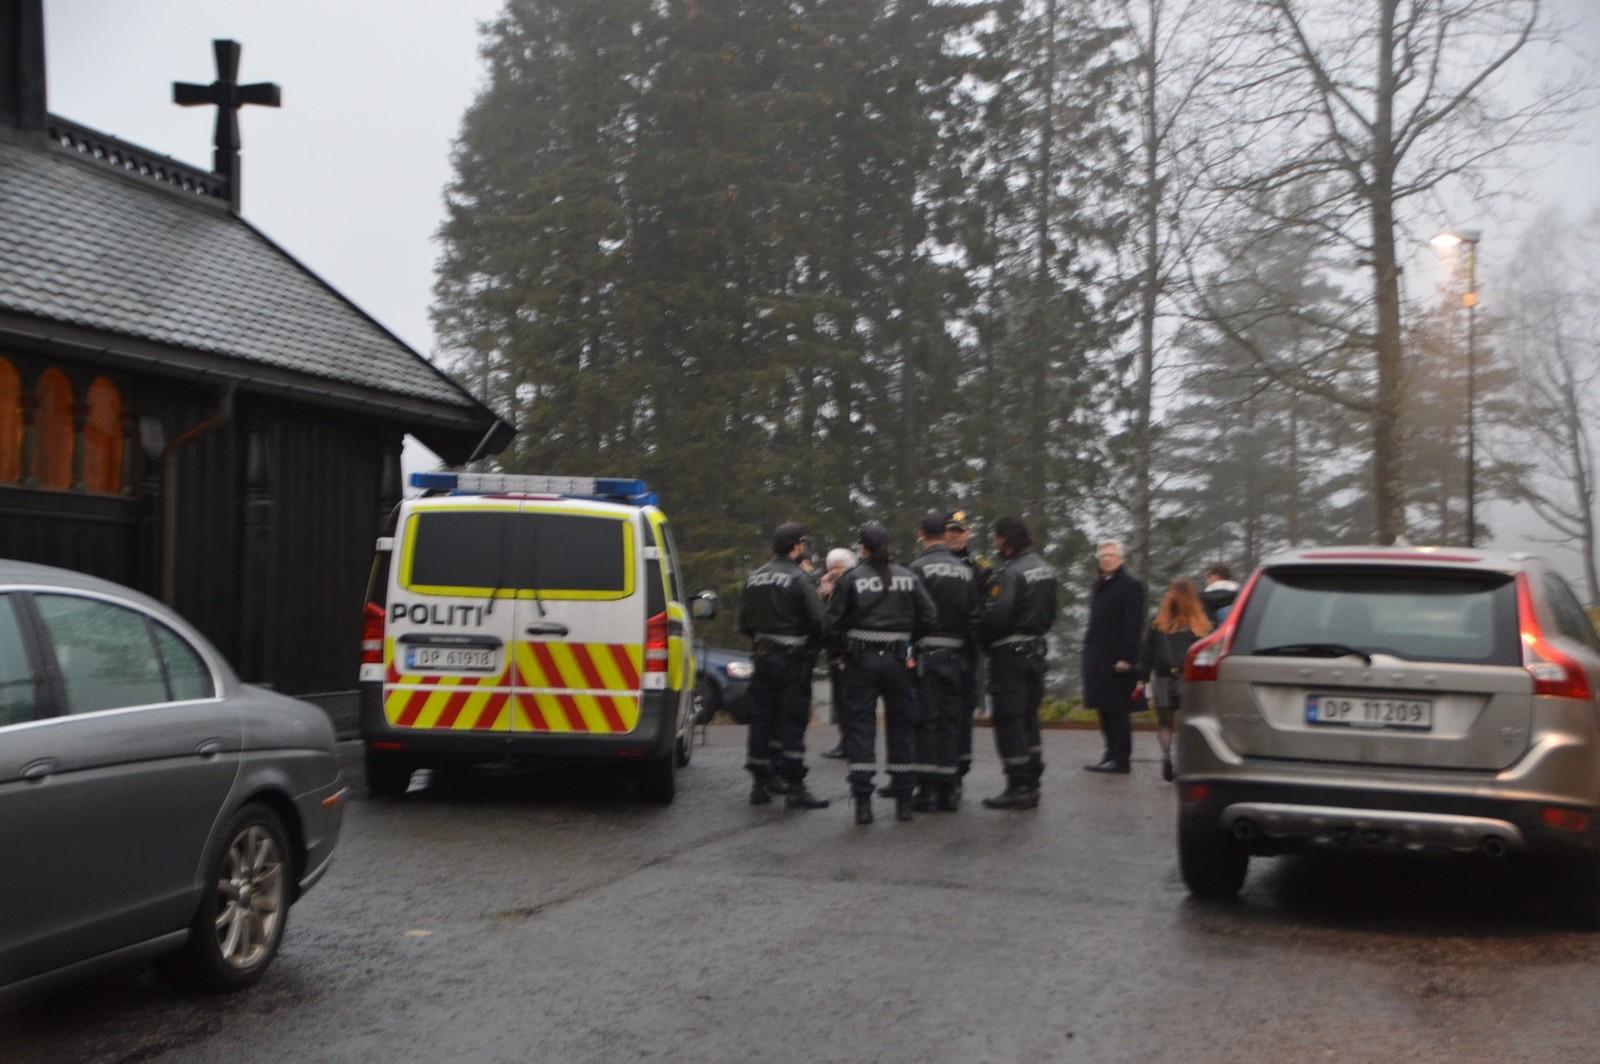 Stort politioppbud utenfor Holmenkollen kapell etter den tragiske ulykken.